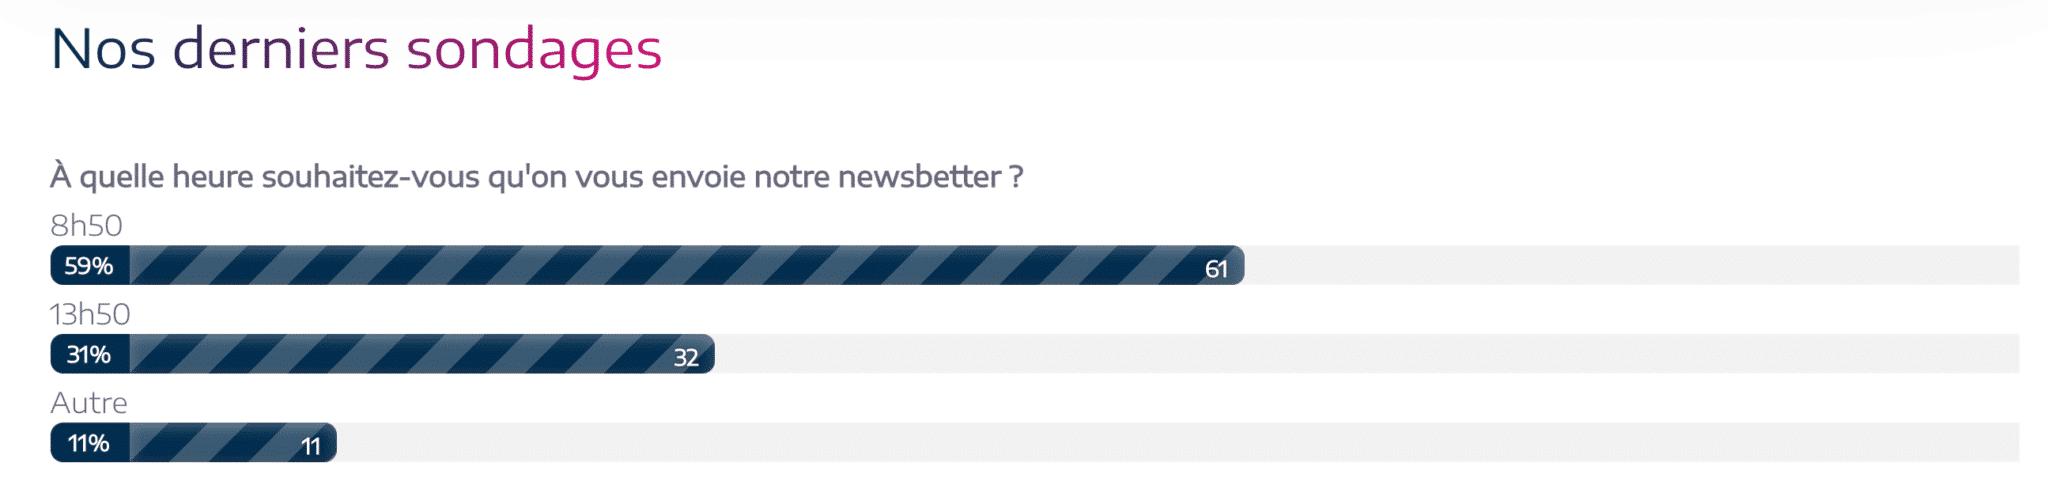 sondage envoyé aux abonnés de la newsletter Plezi pour choisir l'heure d'envoi